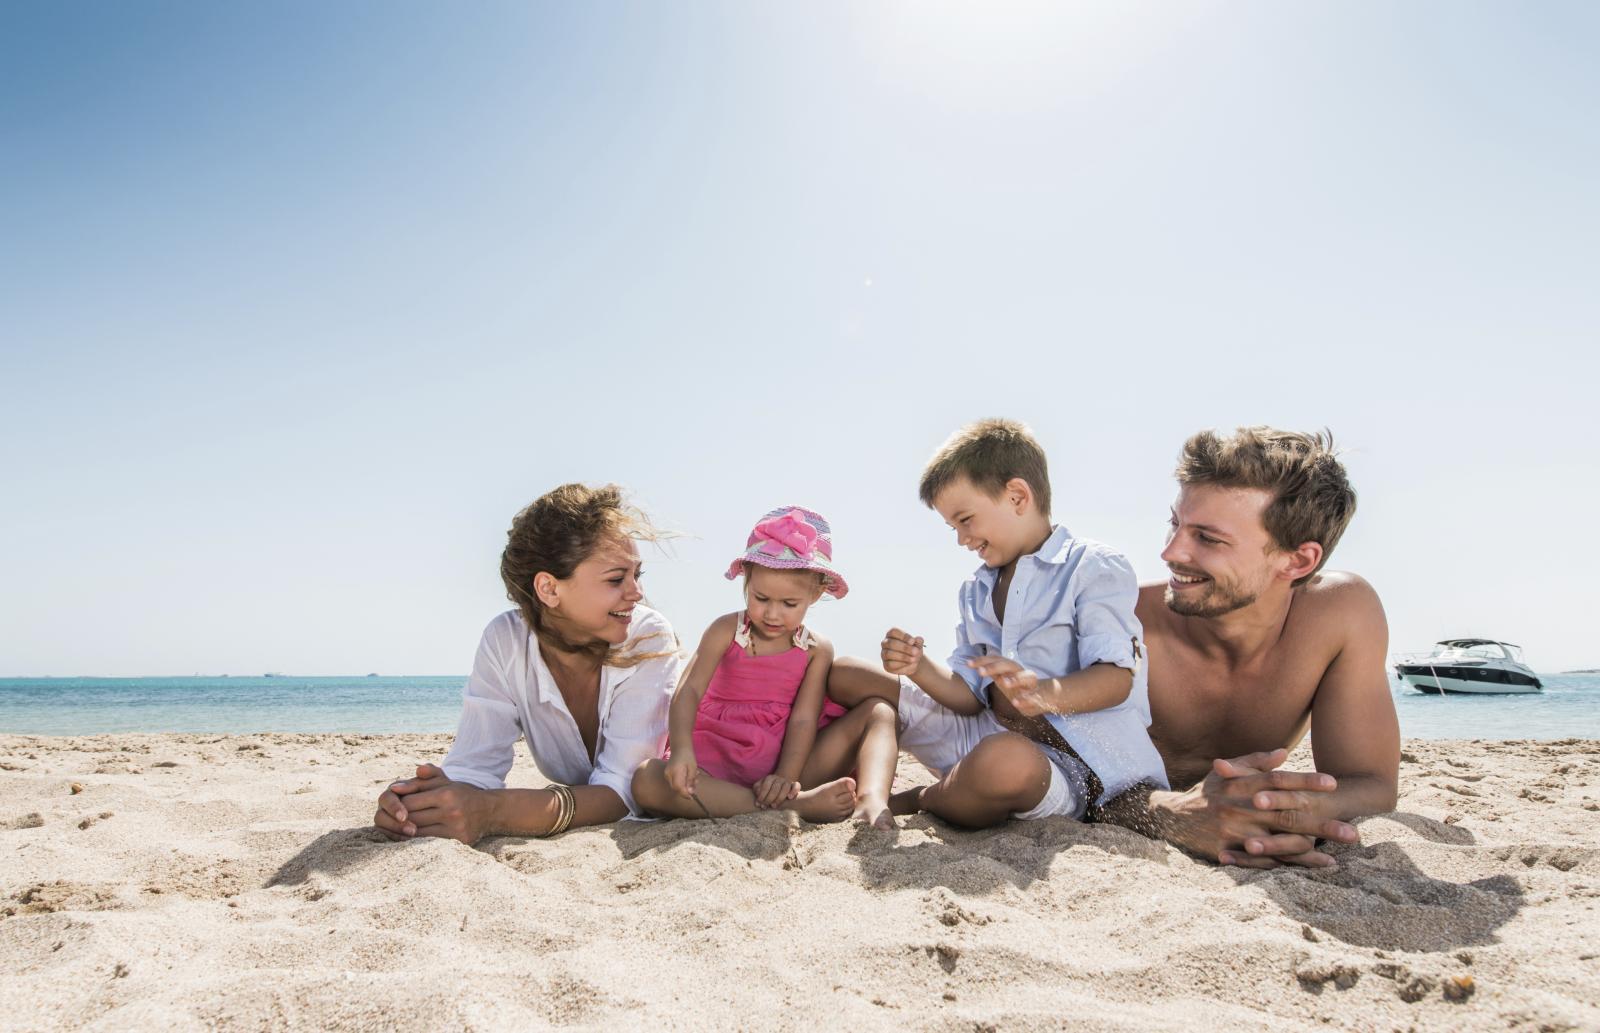 Ako se dobro organizirate i nabavite sve na vrijeme, ovo bi moglo biti ljeto iz snova!